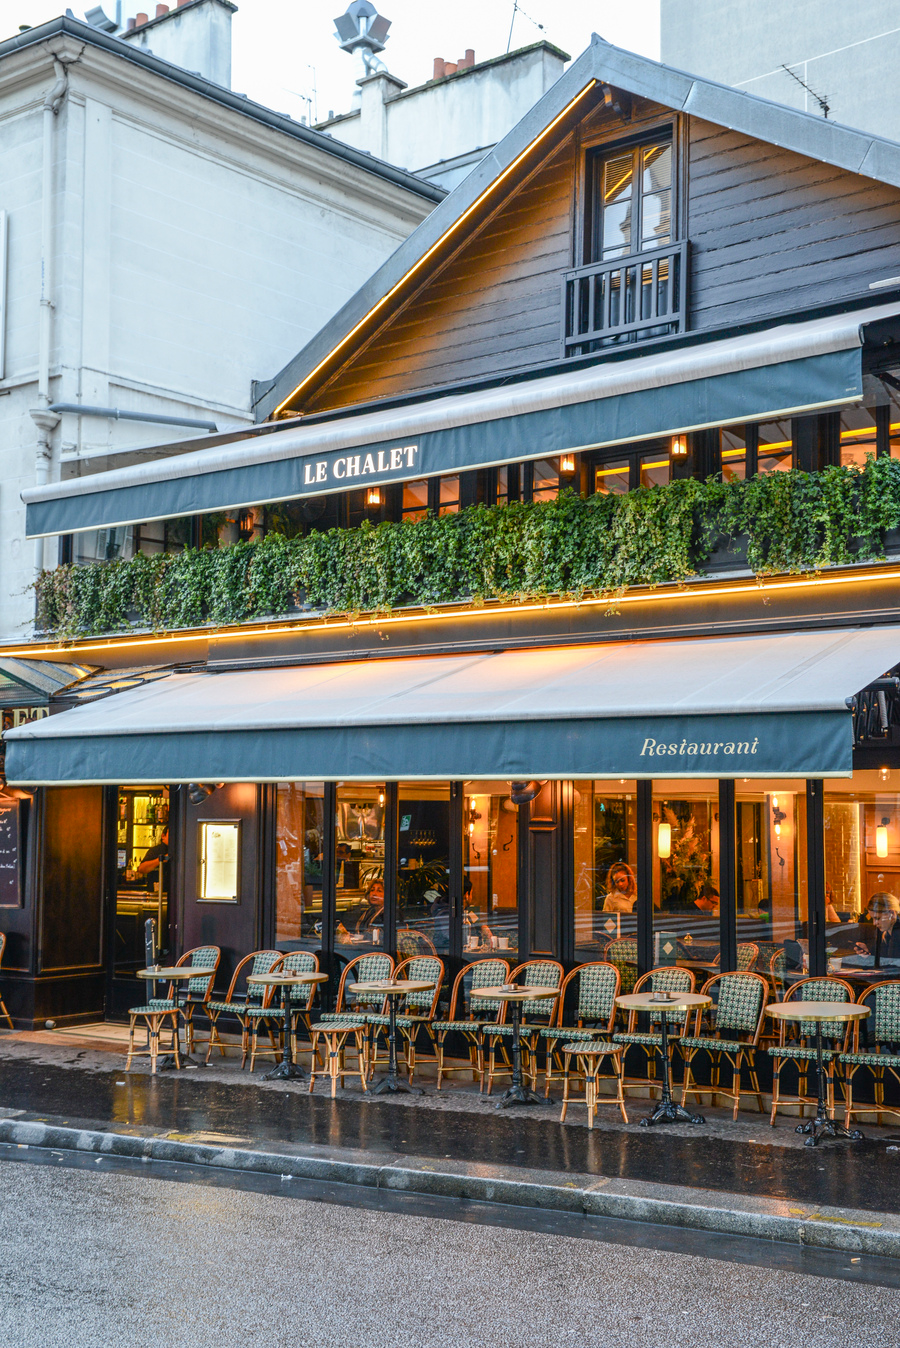 Restaurant - Le Chalet - Paris. Du point de vue de la ...